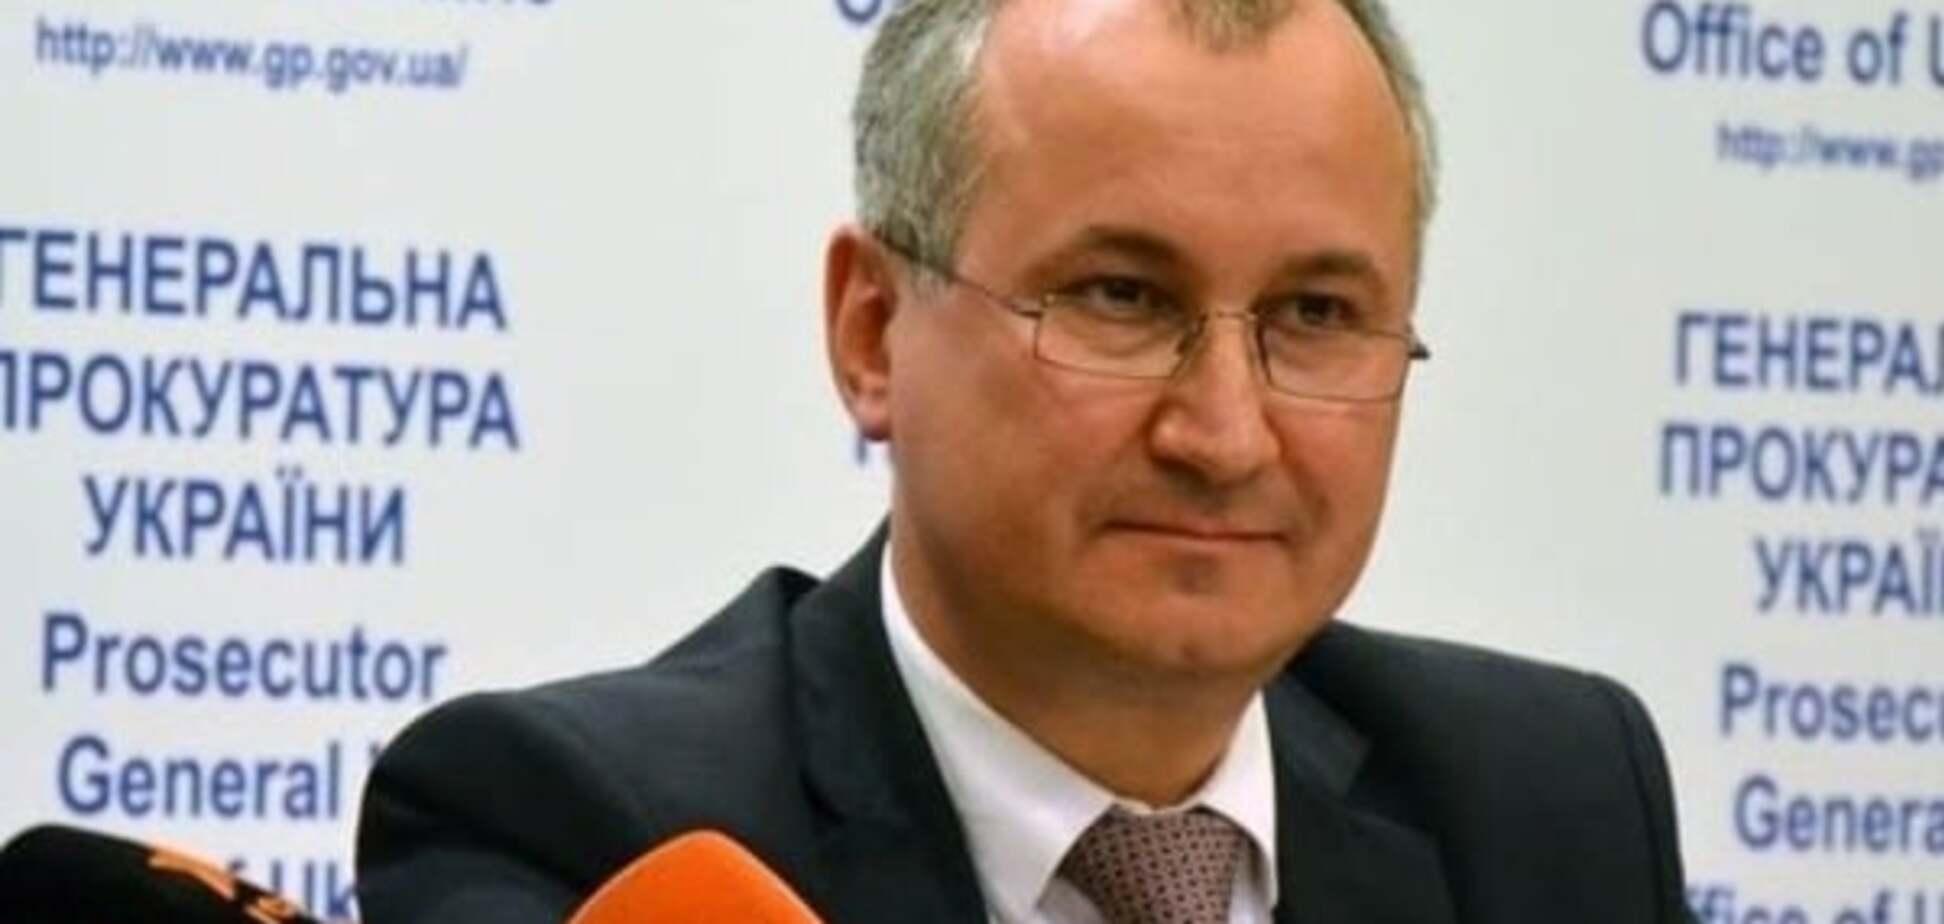 Глава СБУ побачив російський слід у підпалі кабінету судді ГРУшників